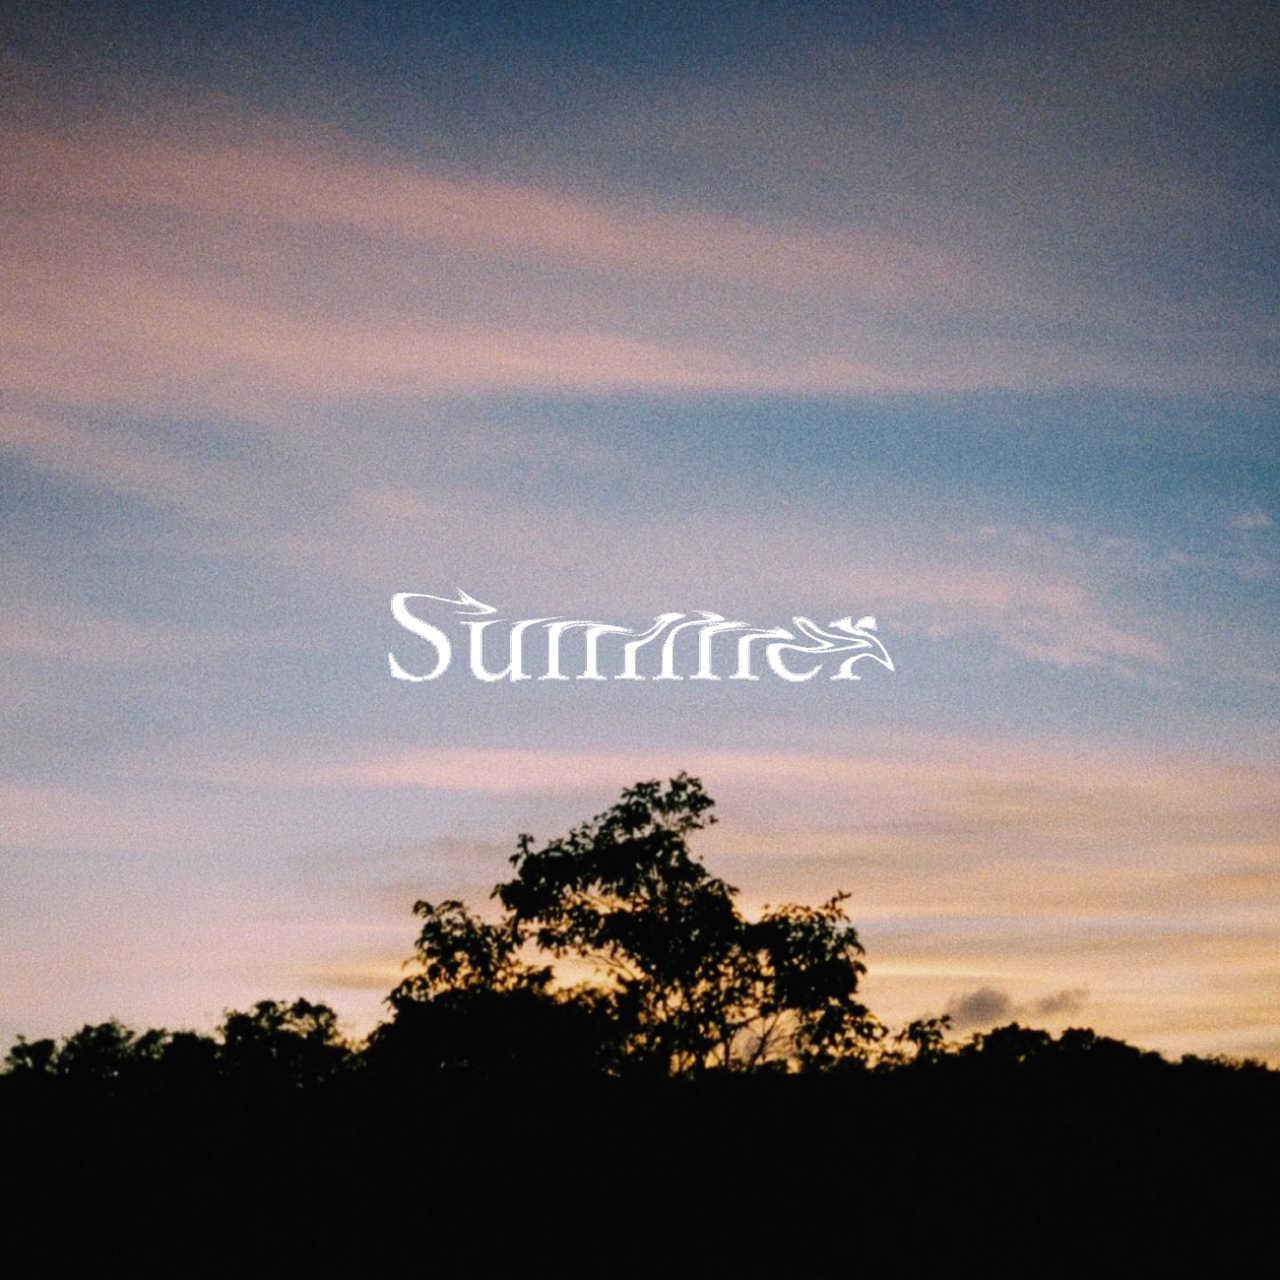 雨のパレード公式プレイリスト企画『Summer Time Magic』